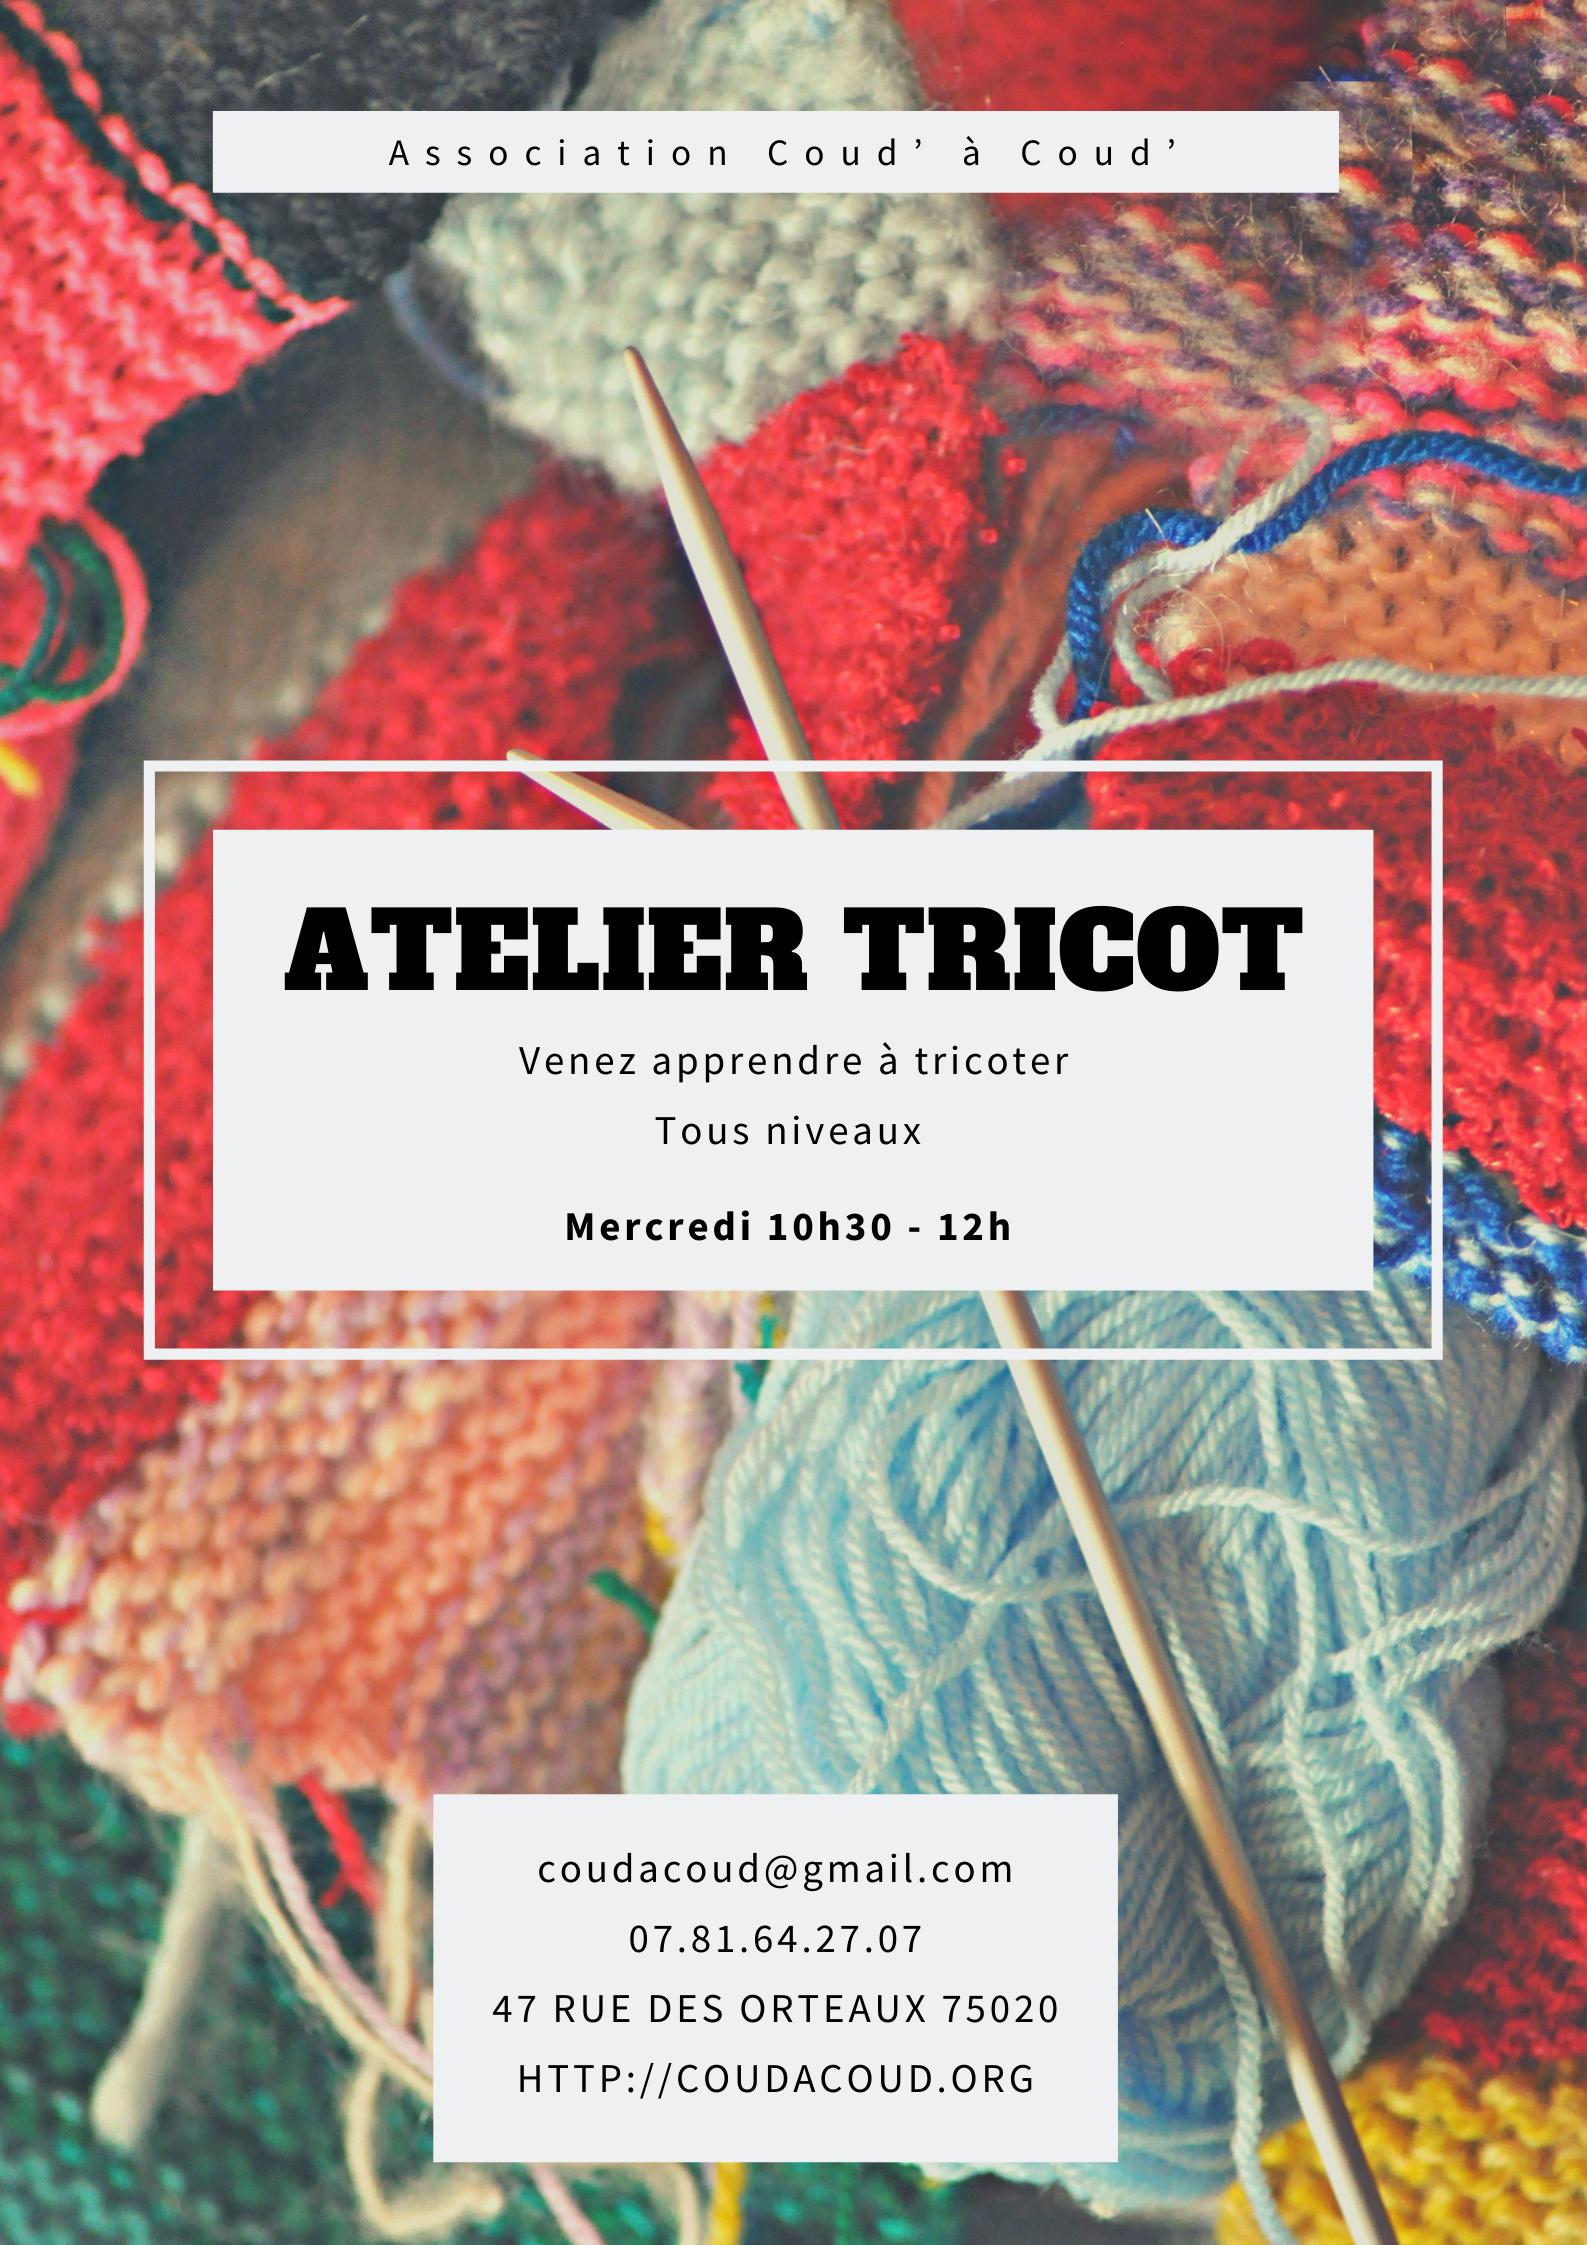 Annulé jusqu'à fin mars/Atelier tricot @ L'Ortie Roule